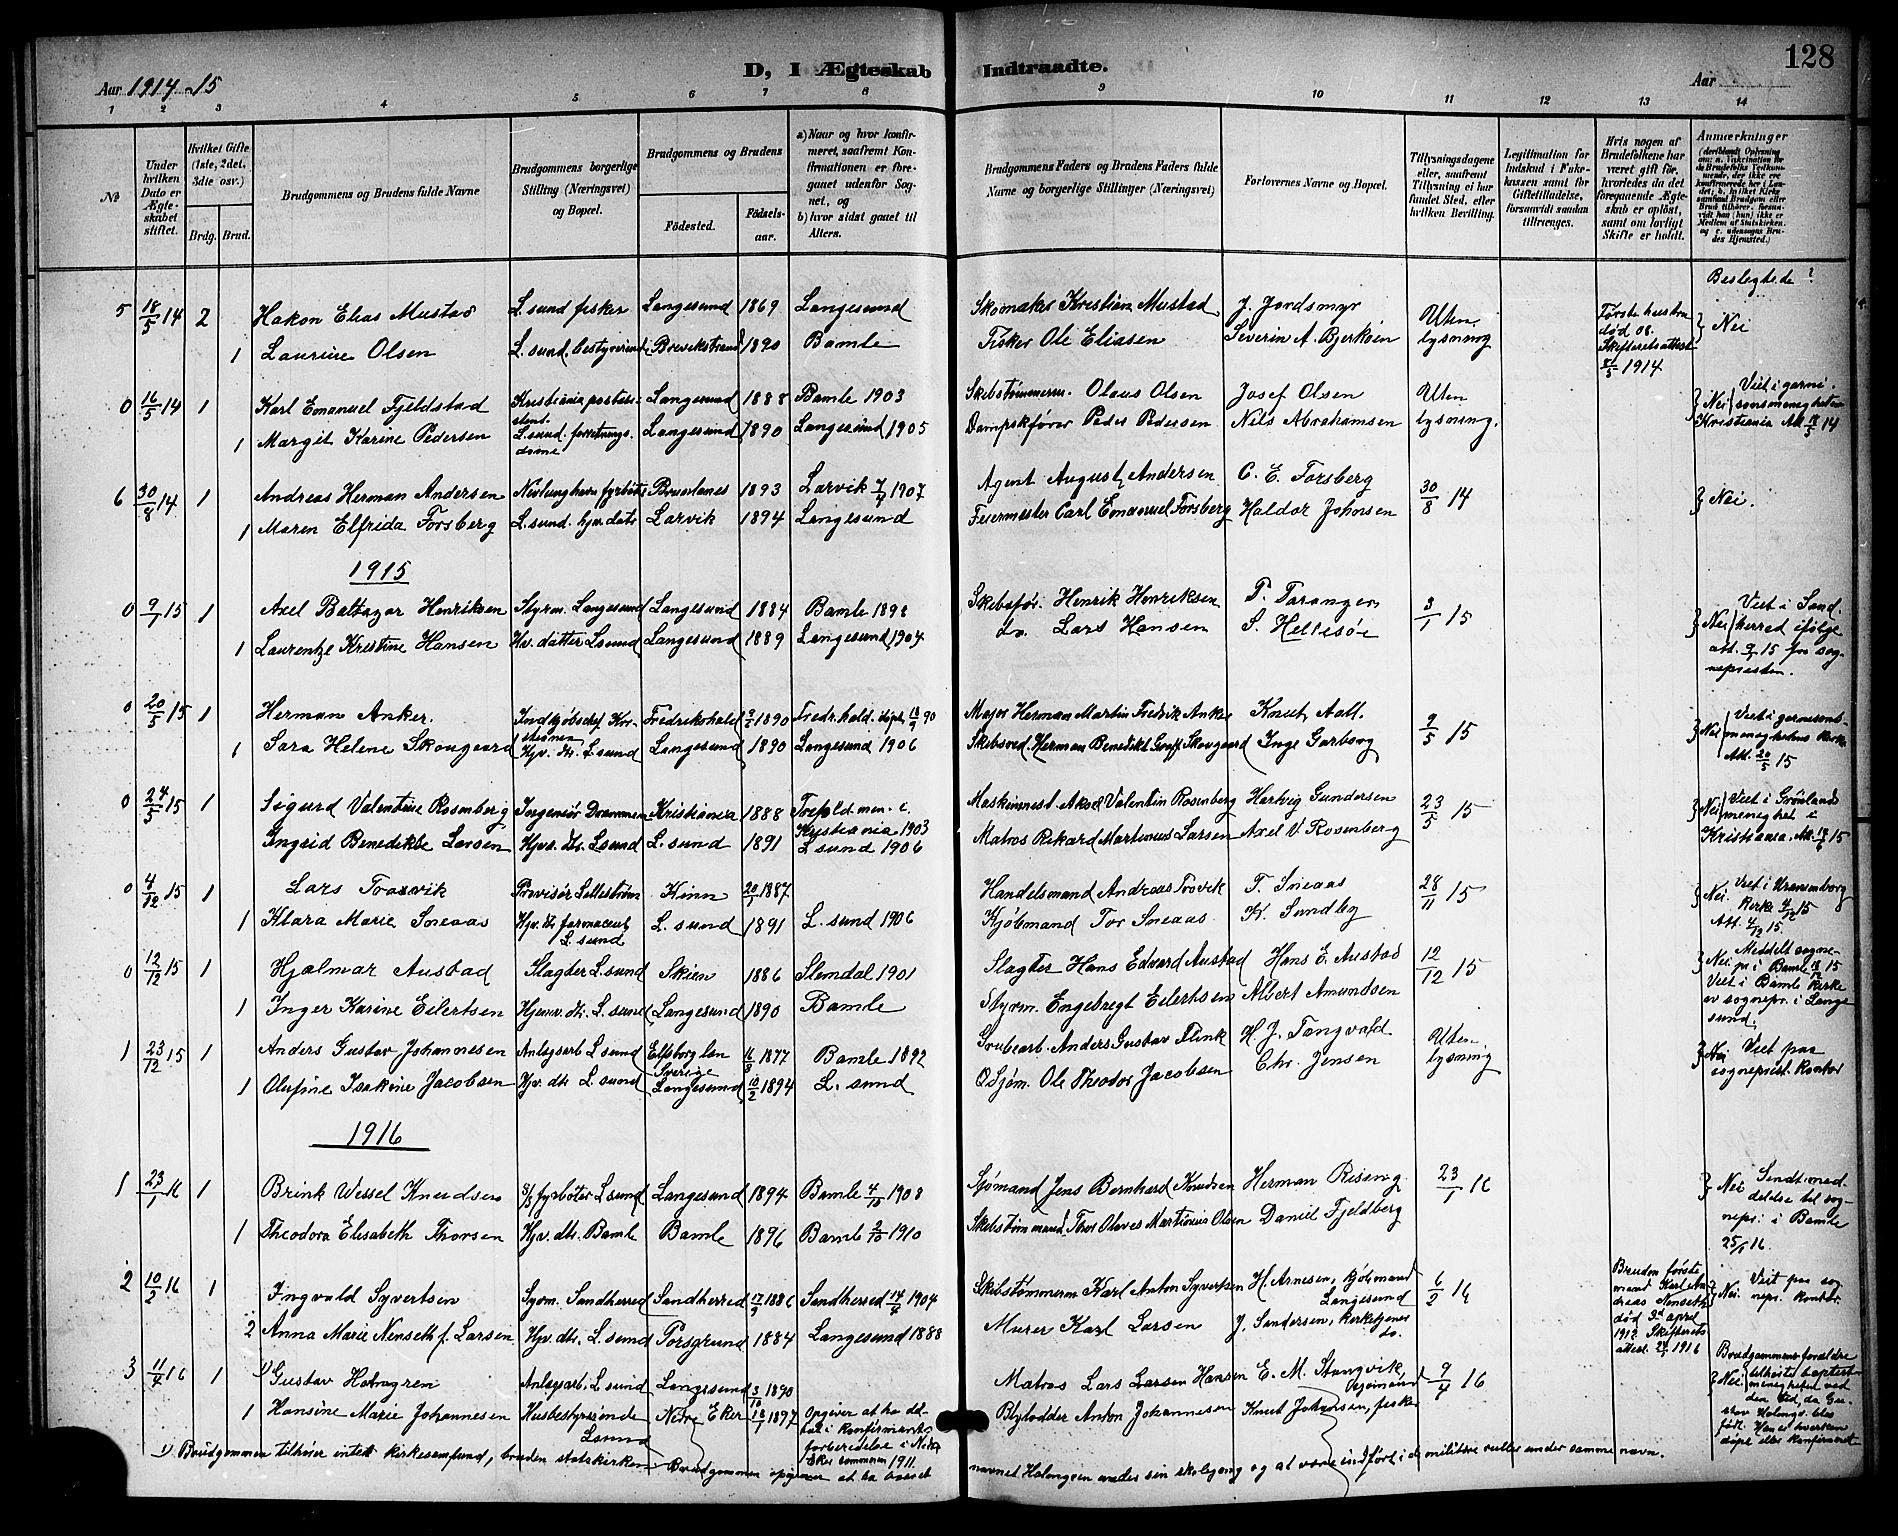 SAKO, Langesund kirkebøker, G/Ga/L0006: Klokkerbok nr. 6, 1899-1918, s. 128